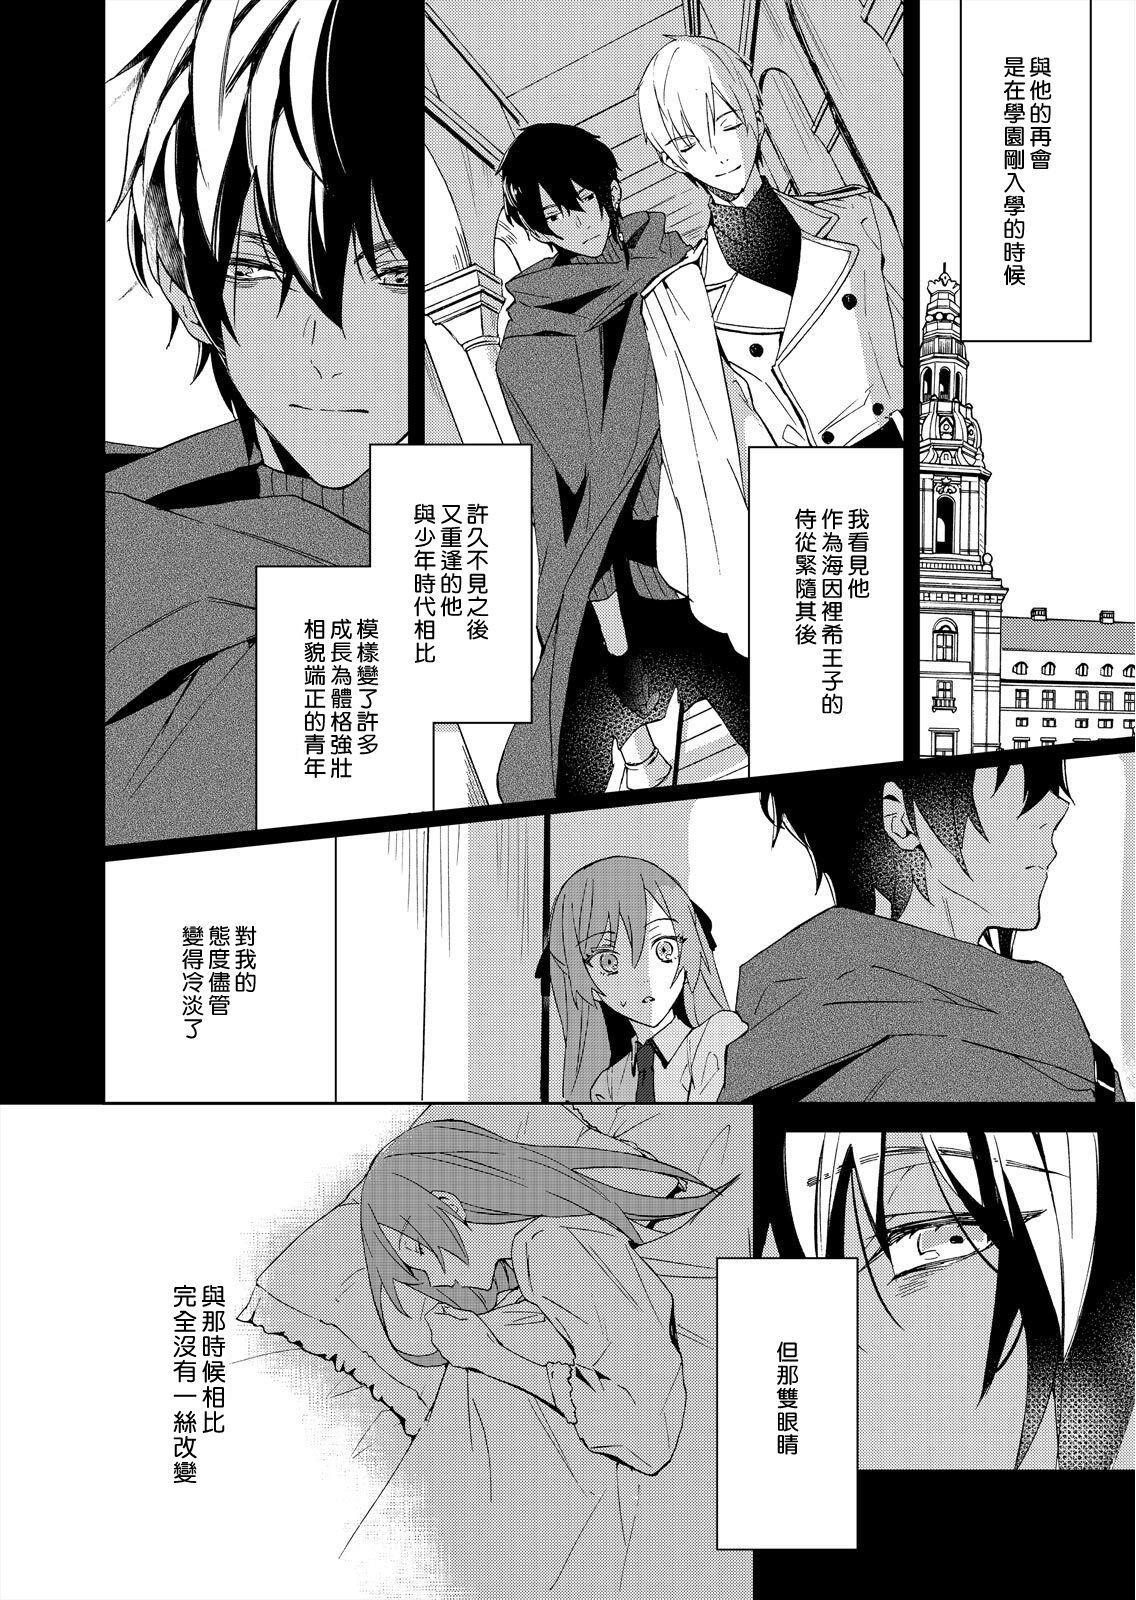 [Yuzushiwo] Akuyaku Reijou wa Ichizu ni Dekiai sarete ~Noumitsu Sex no Aite wa Juuboku~ | 被疯狂溺爱的反派大小姐~浓密性爱对象是仆从~ 1-4 [Chinese] [莉赛特汉化组] 11